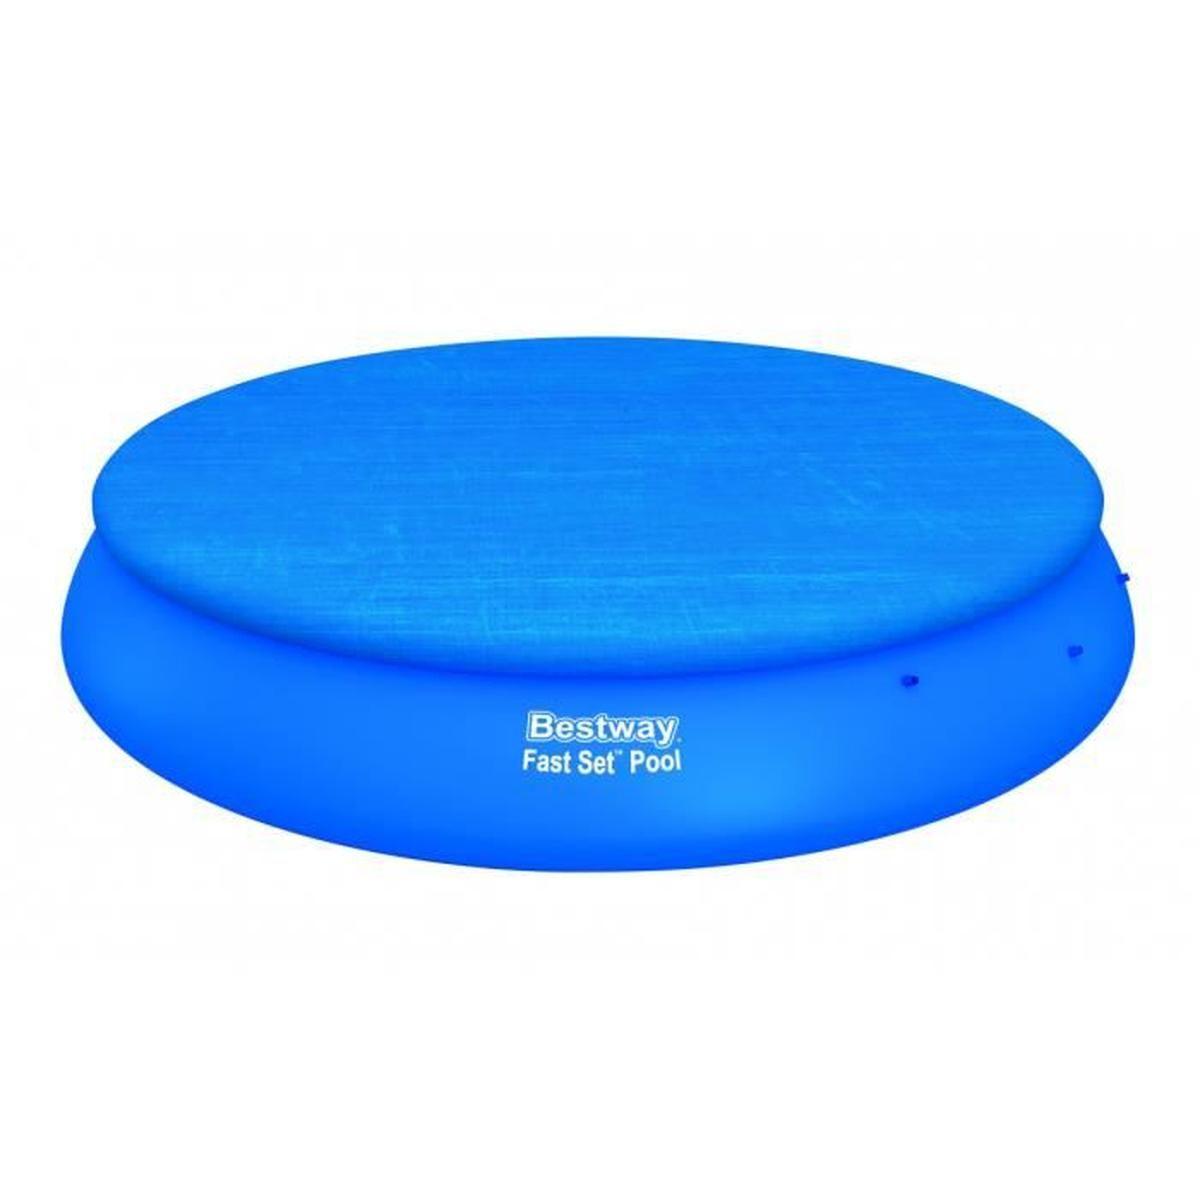 Bâche Piscine Ronde Bestway Fast Set Pool Cover Diam 457 Cm 4 Saisons Pvc  Ultra Résistant Bleu serapportantà Bache Piscine Tubulaire 3.66